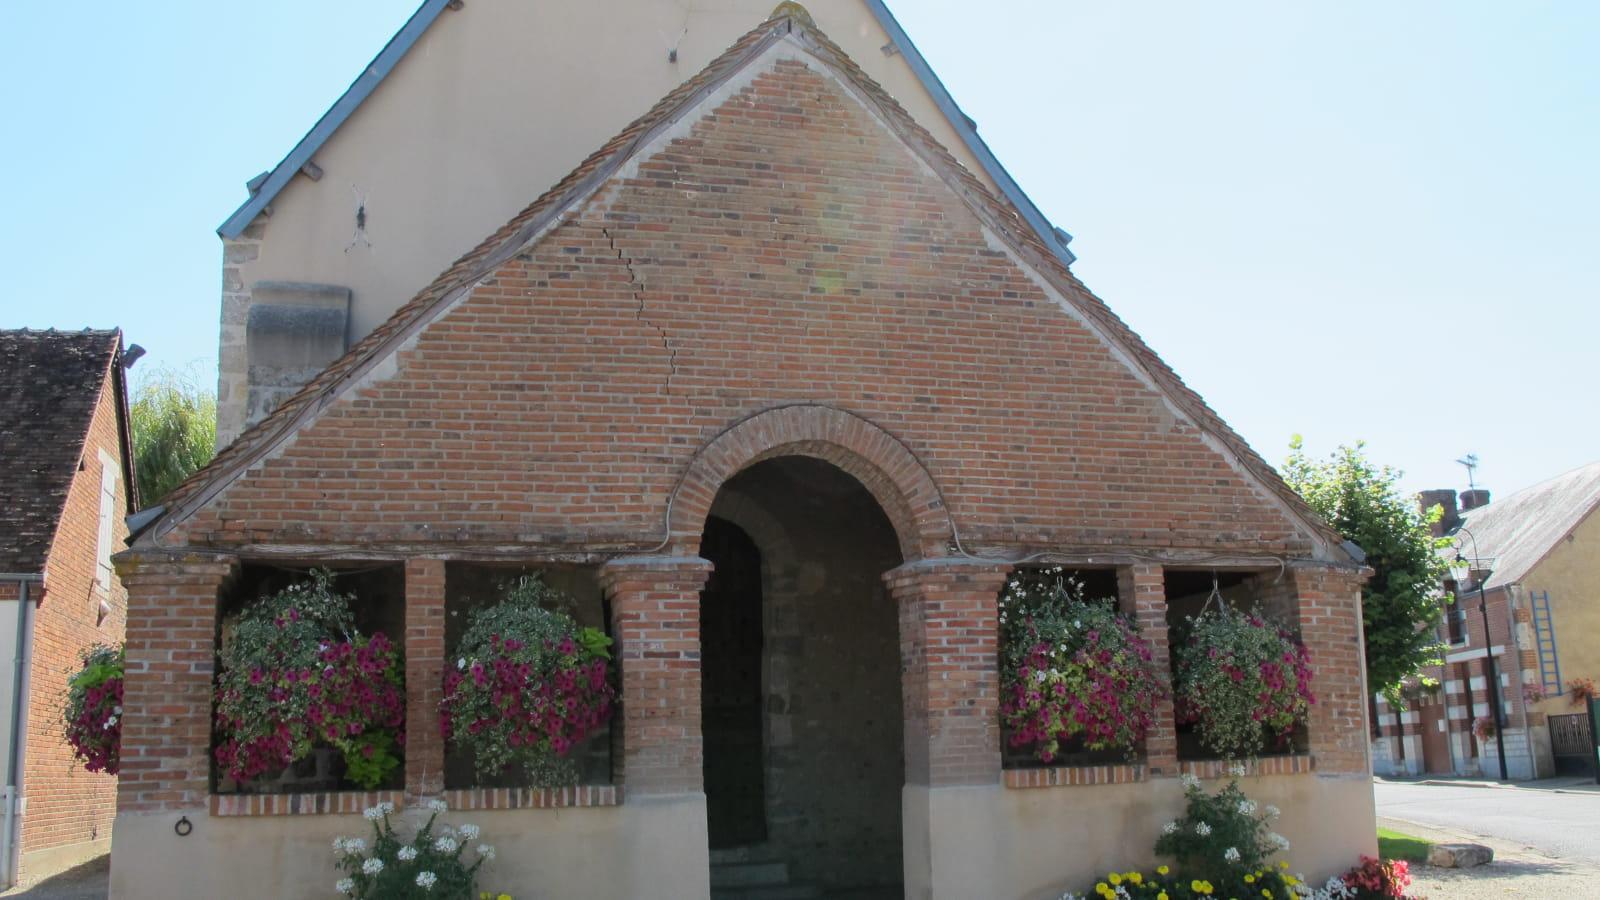 Visite guidée des églises - Eglise Saint Pierre - Villemurlin